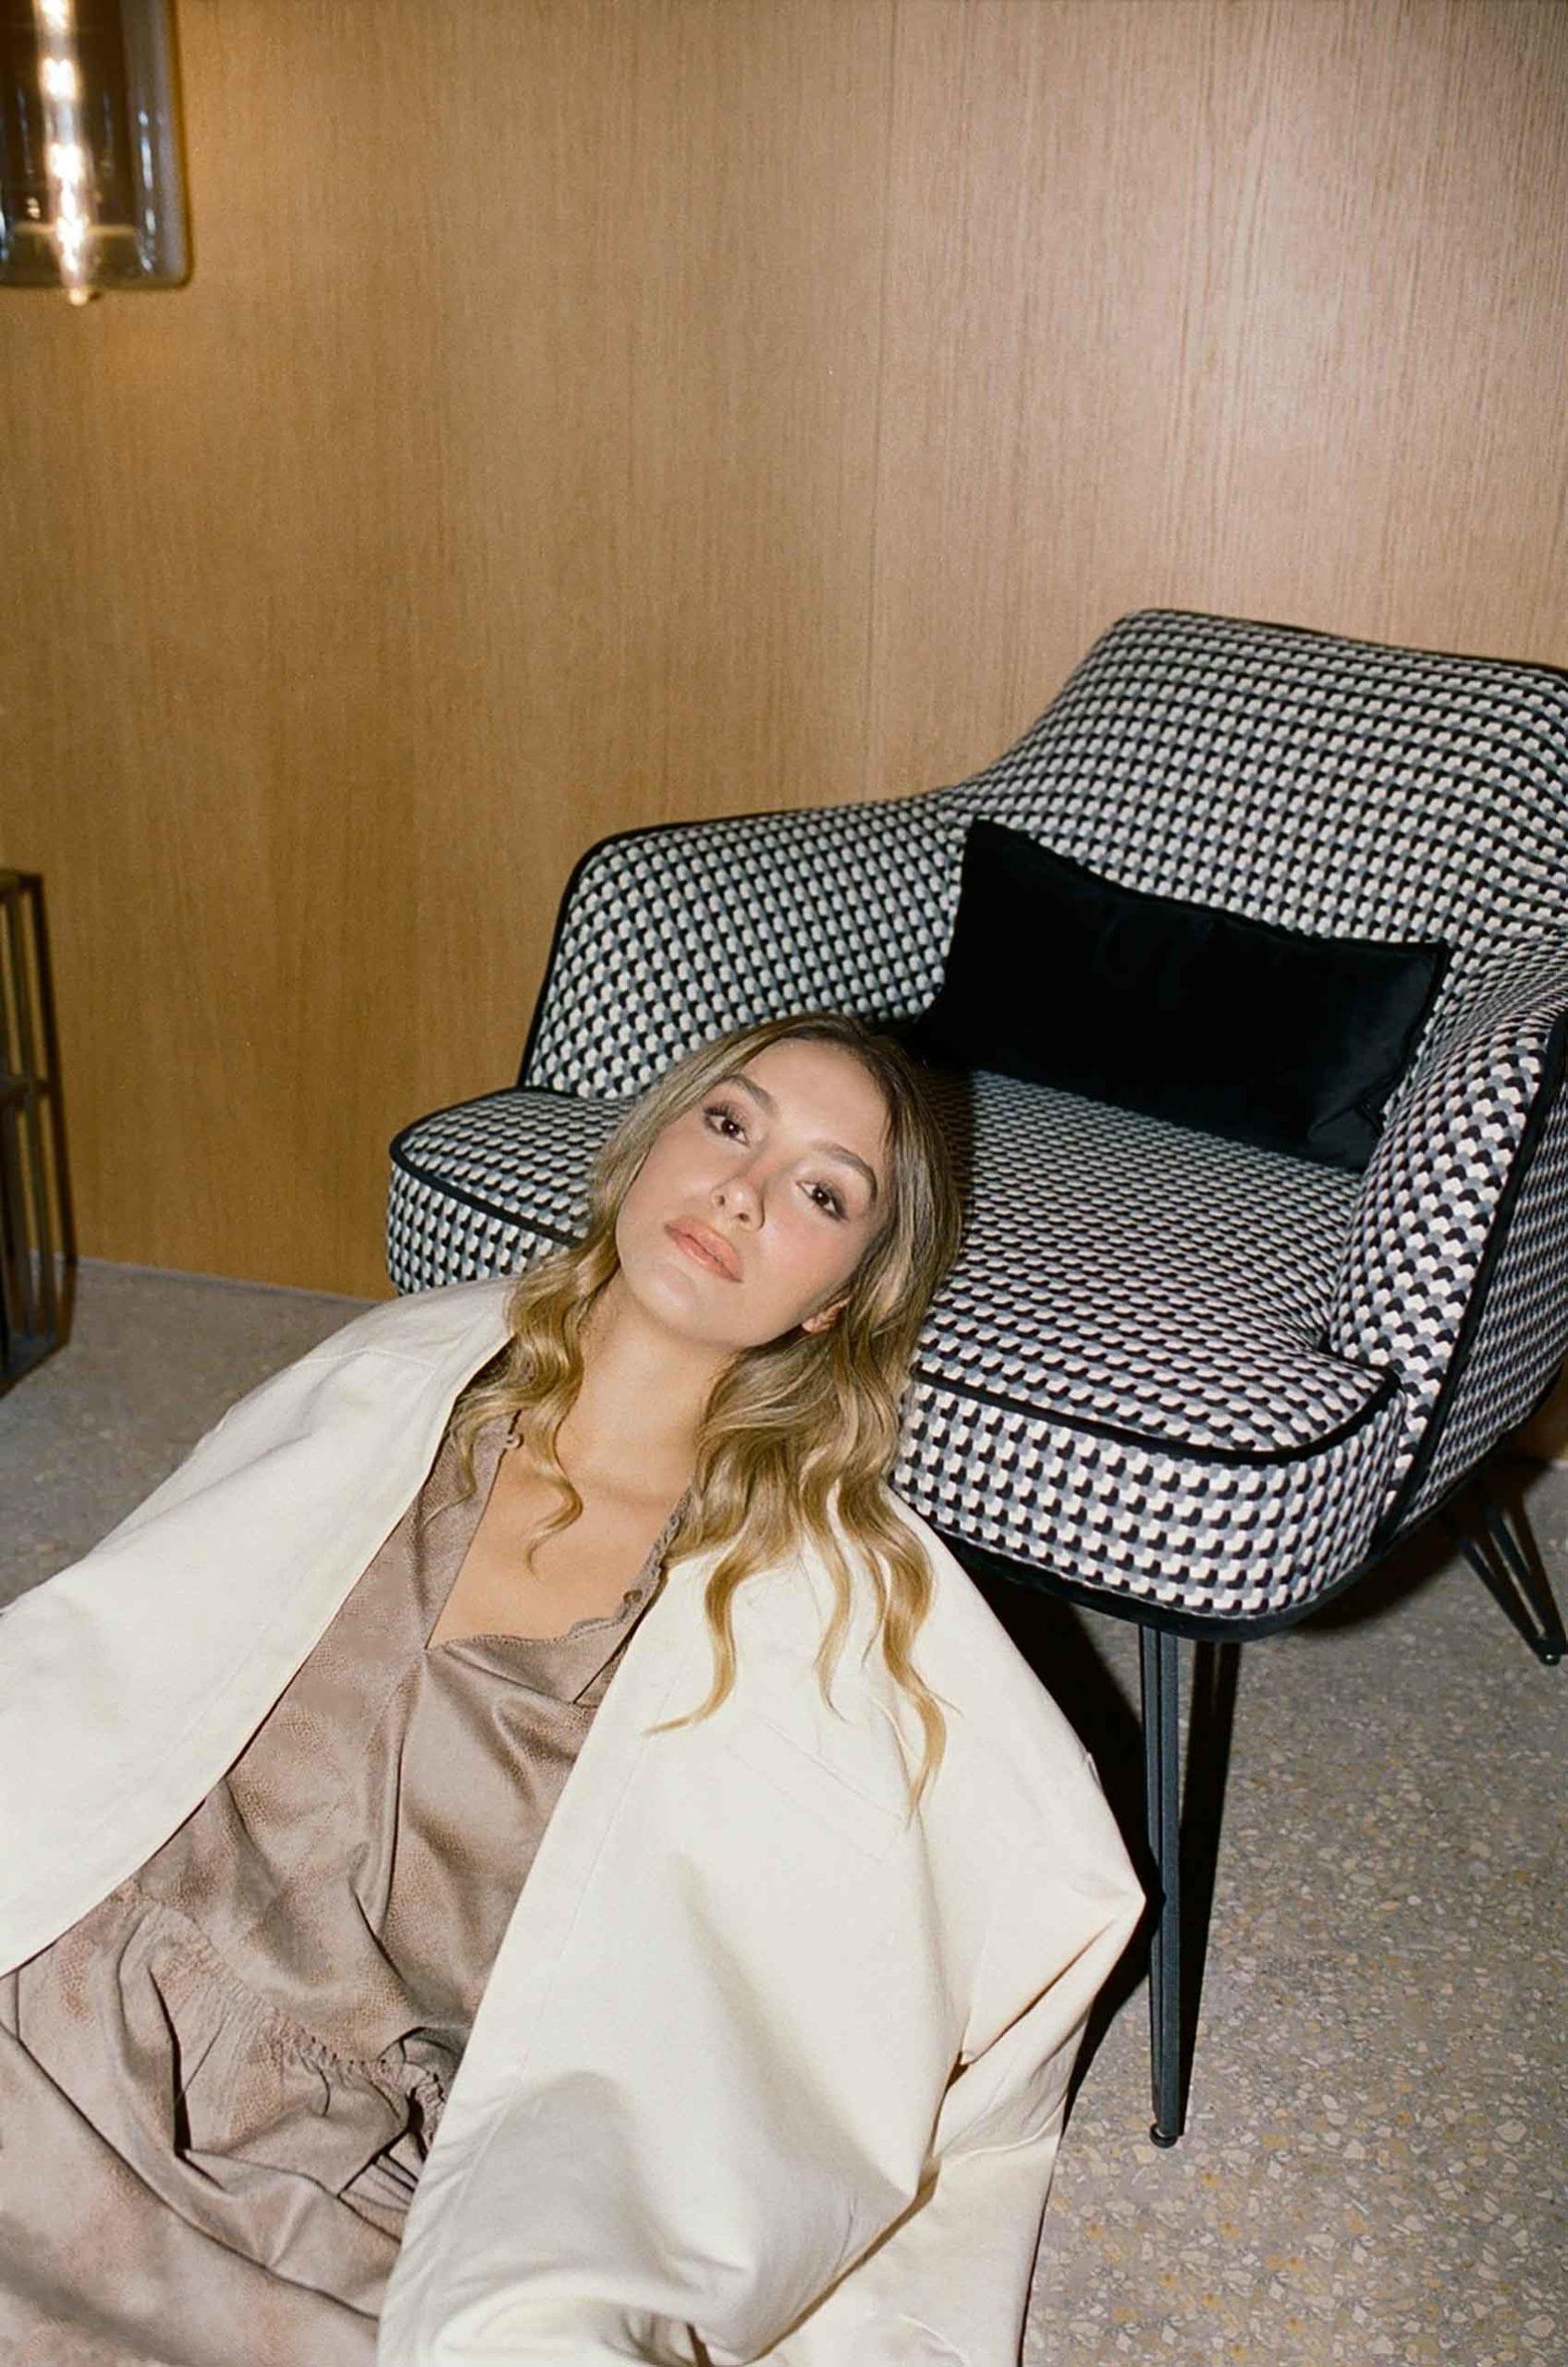 הפת אופנה-שמלה: סבינה מוסייב. ג׳קט: עינב ריינשרייבר-dream story. צלם- מושיקו טישלר, סטייליסטית- נועה שבי, איפור שיער- רעות טוריאל, דוגמנית- ליר עוז (סוכנות יולי)-טרנדים